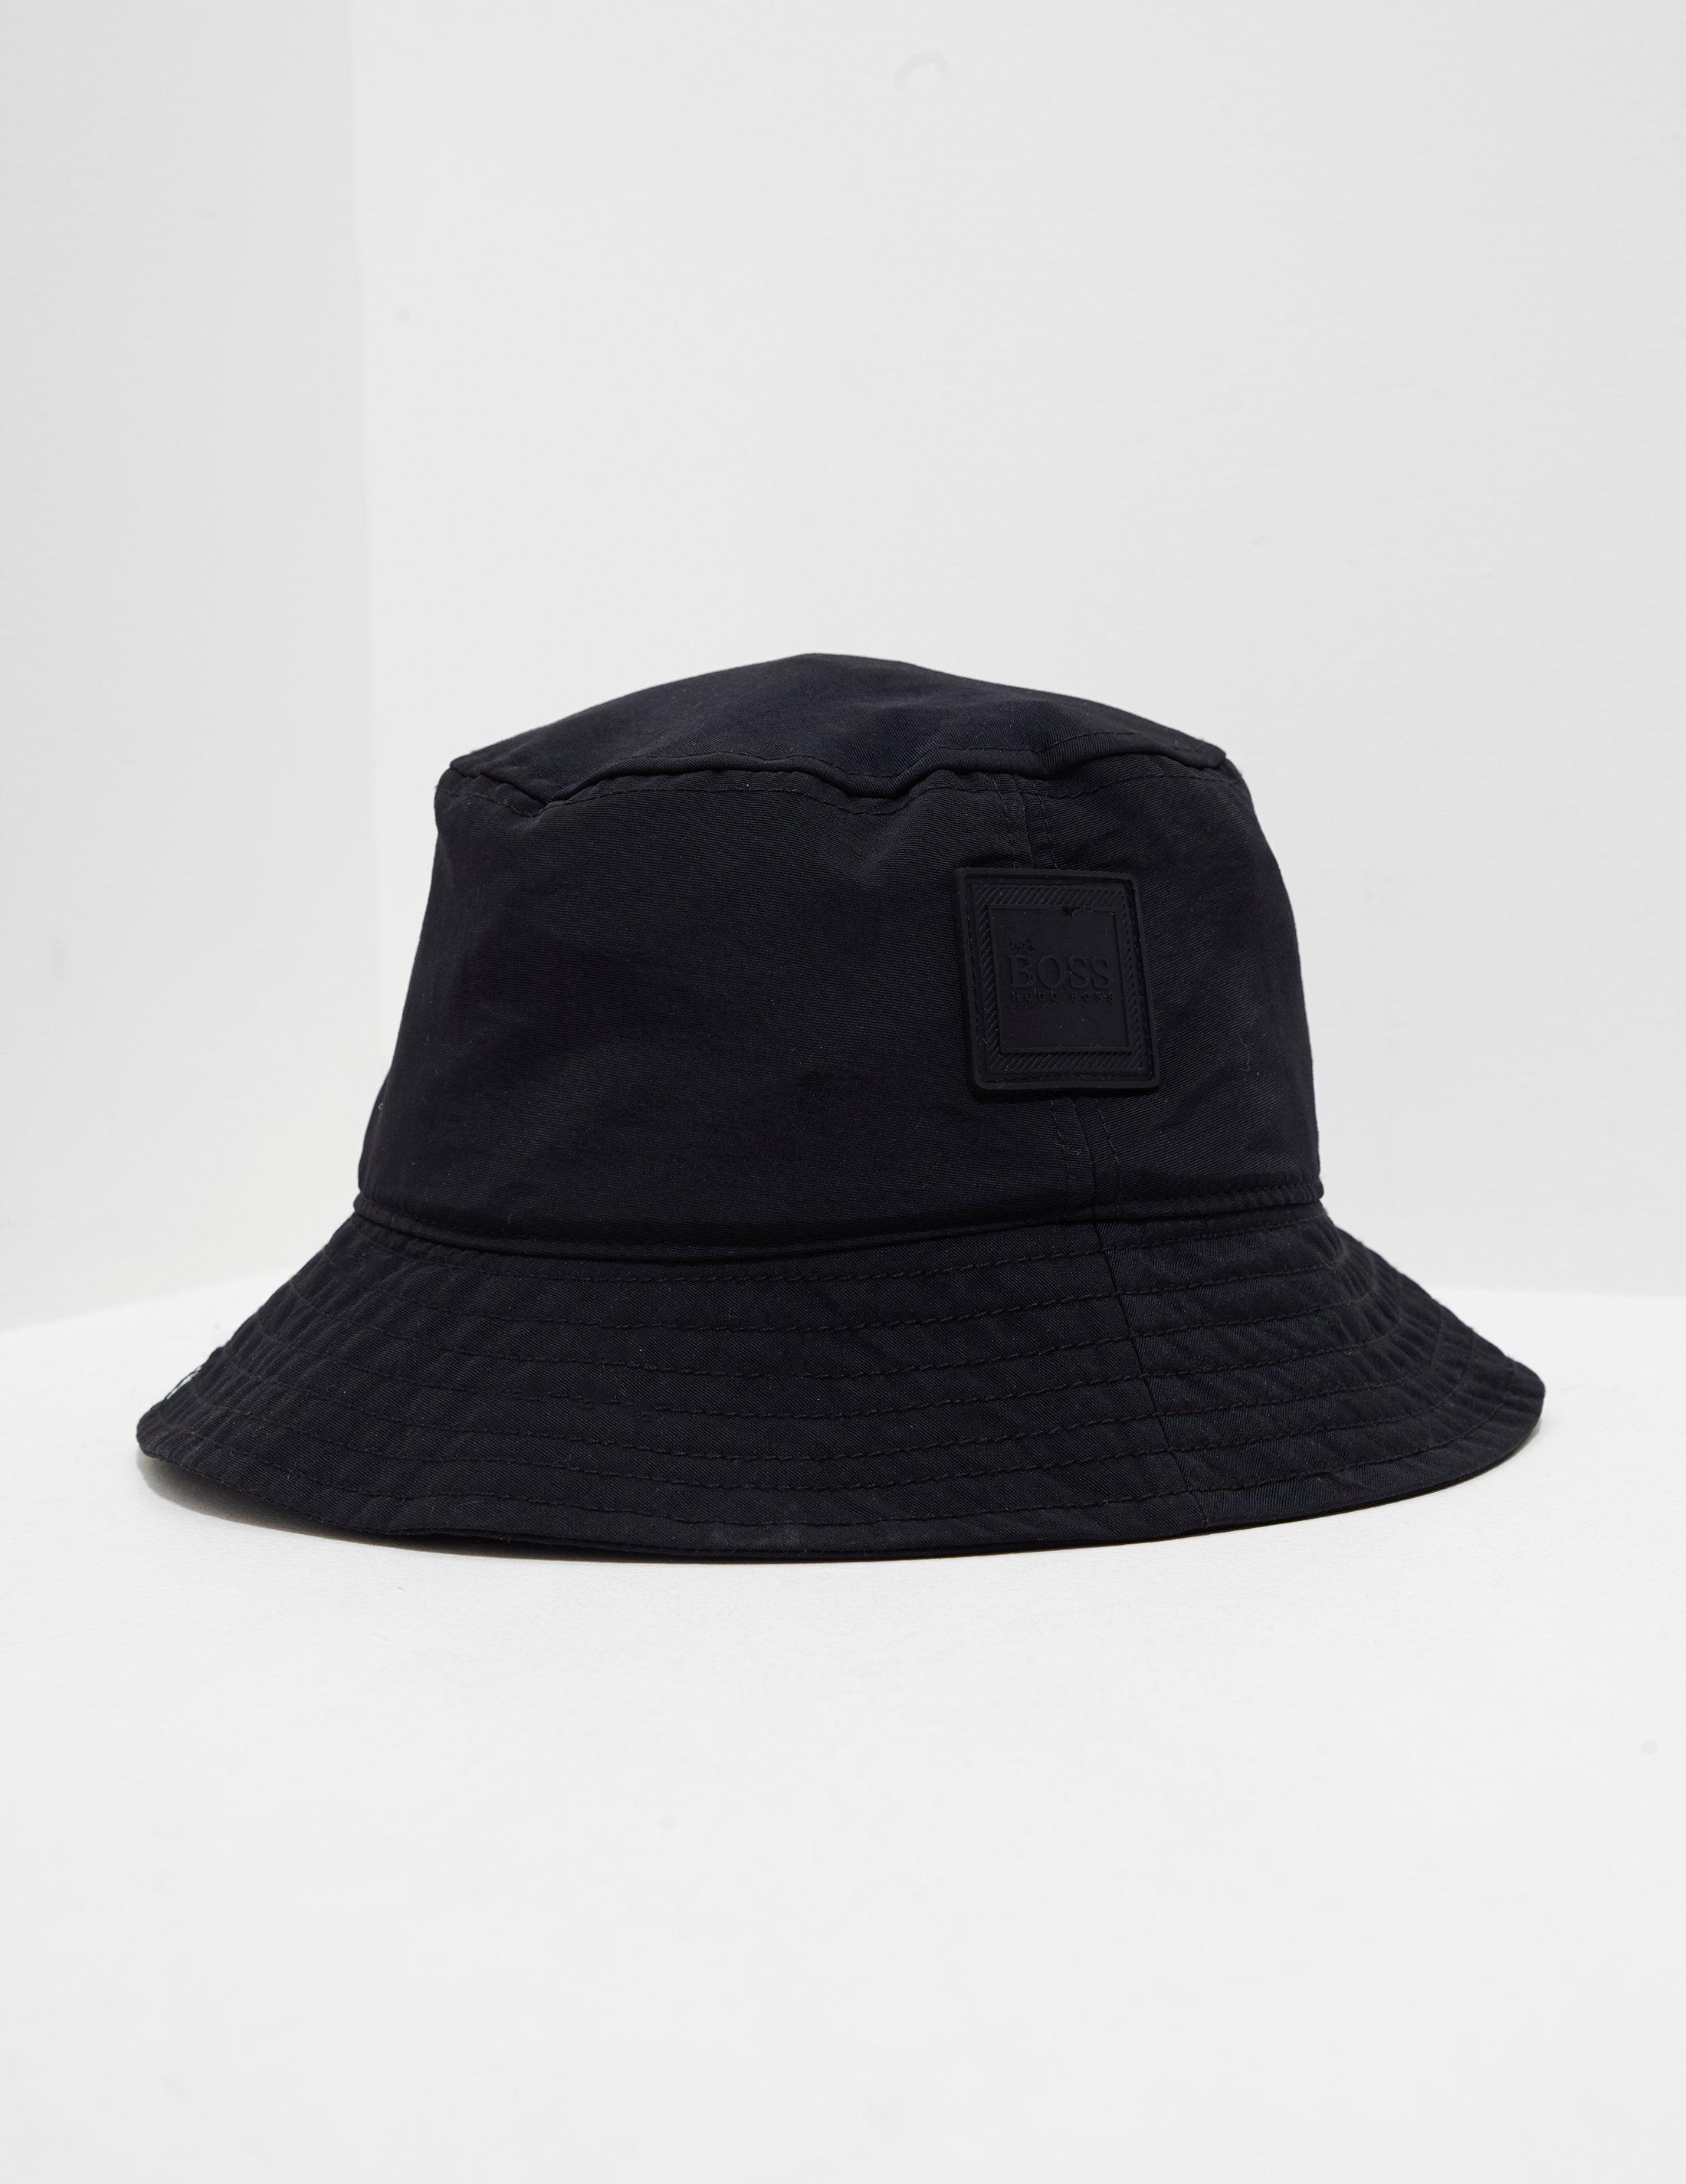 BOSS Mens Bucket Hat Black in Black for Men - Lyst 06380719a